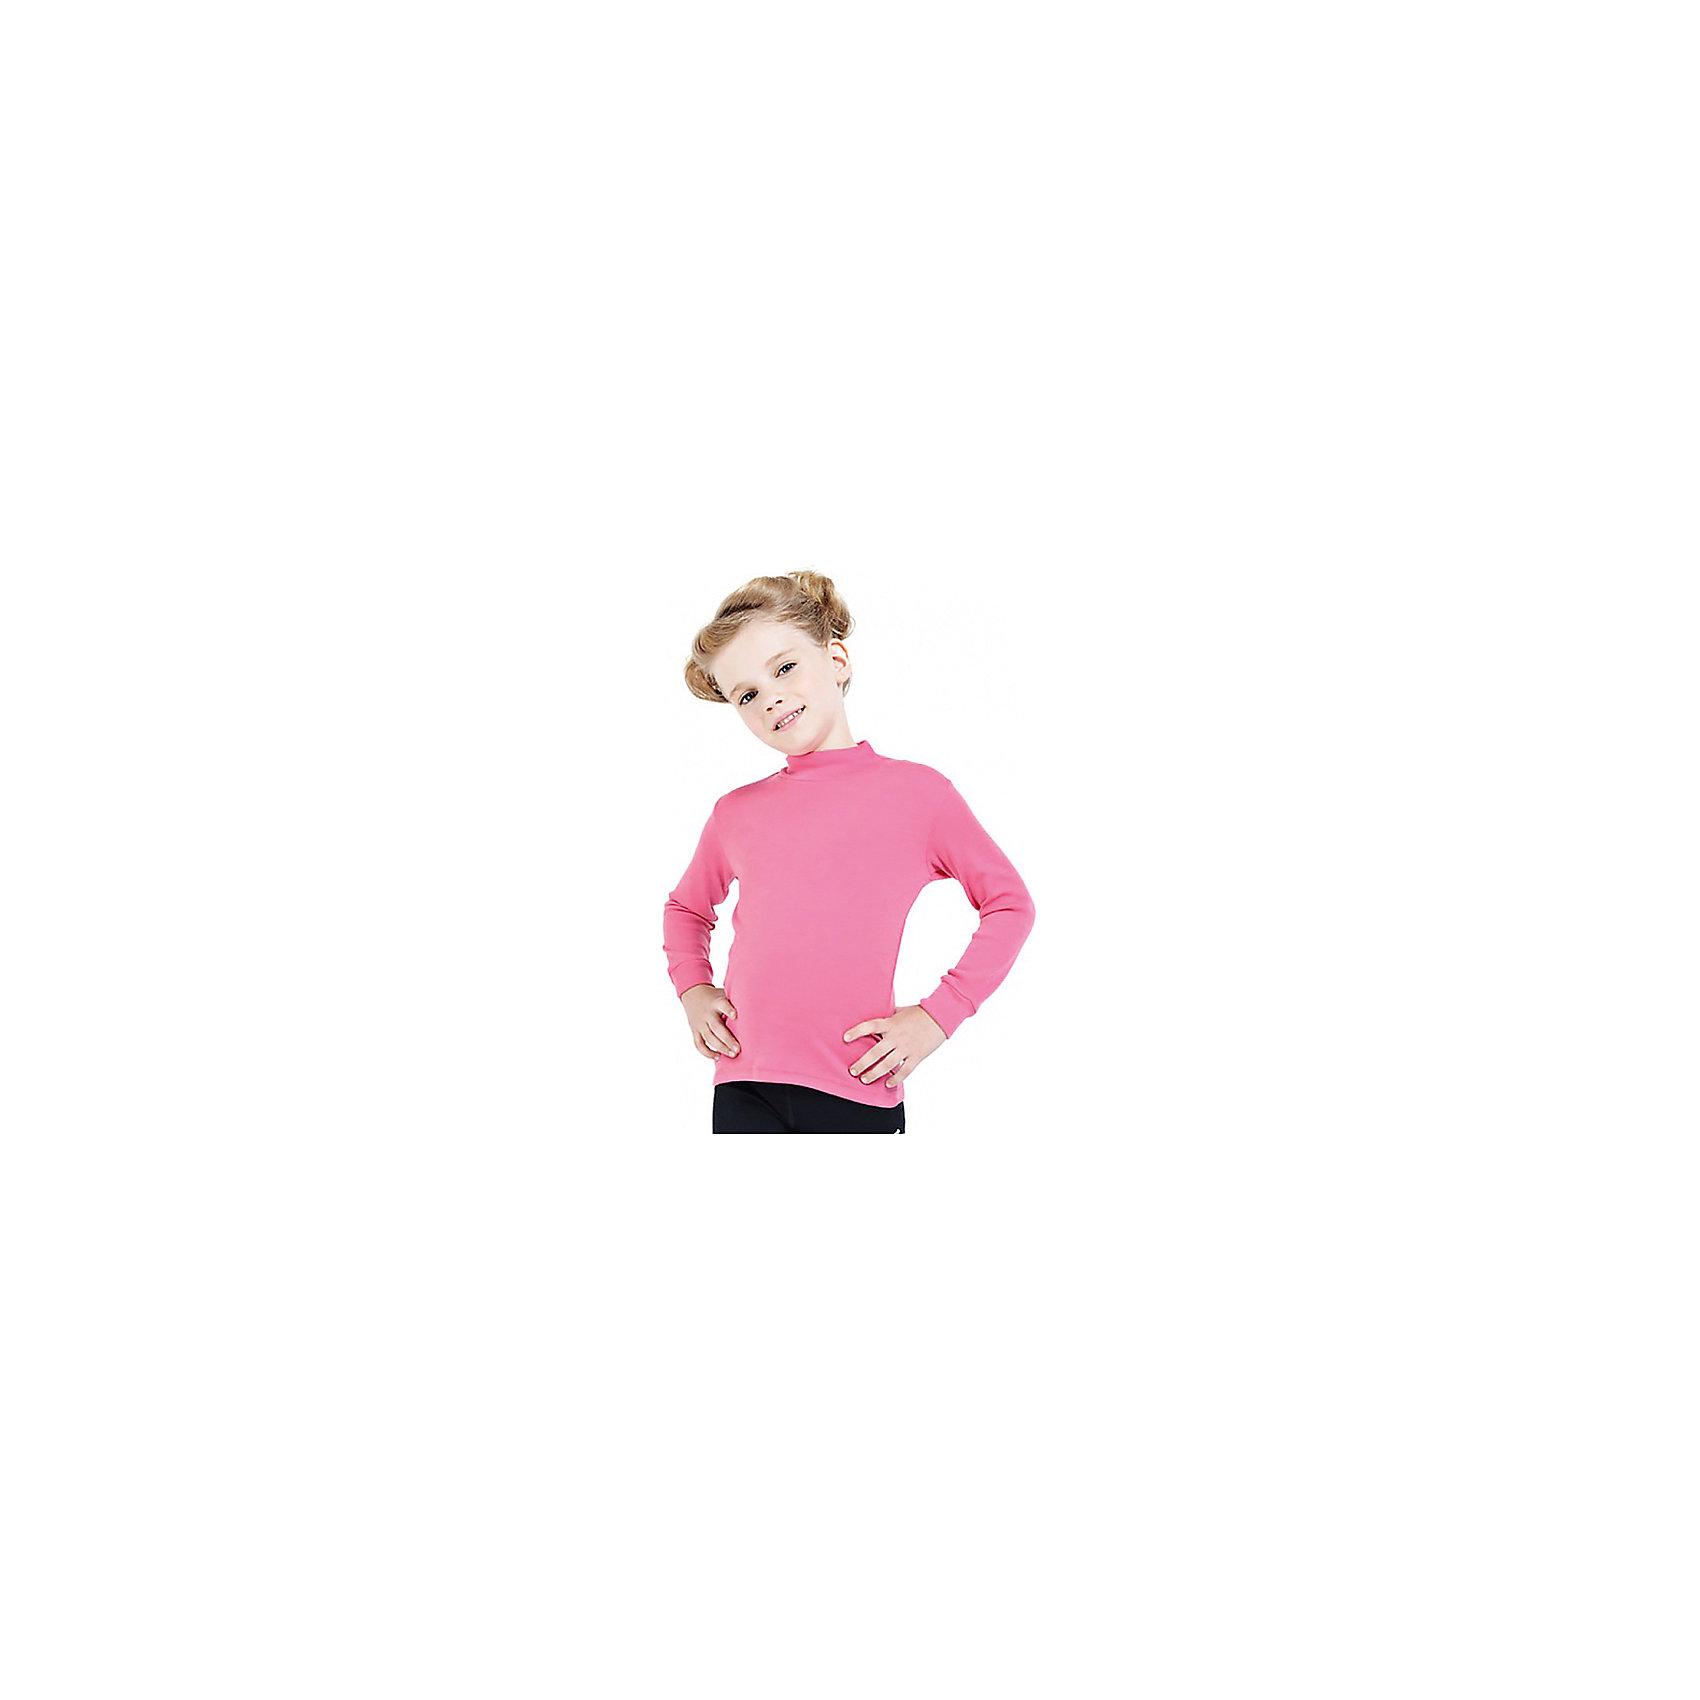 Футболка с длинным рукавом для девочки NorvegФутболки с длинным рукавом<br>Футболка с длинным рукавом от известного бренда Norveg.<br><br>Футболка с длинным рукавом от немецкой компании Norveg (Норвег) - это удобная и красивая одежда, которая обеспечит комфортную терморегуляцию тела и на улице, и в помещении. <br>Она сделана из шерсти мериноса (австралийской тонкорунной овцы), которая обладает гипоаллергенными свойствами, поэтому не вызывает раздражения, даже если надета на голое тело.<br><br>Отличительные особенности модели:<br><br>- цвет: розовый;<br>- швы плоские, не натирают и не мешают движению;<br>- анатомические резинки;<br>- материал впитывает влагу и сразу выводит наружу;<br>- анатомический крой;<br>- не мешает под одеждой.<br><br>Дополнительная информация:<br><br>- Температурный режим: от +5° С до +20° С.<br><br>- Состав: 100% шерсть мериноса<br><br>Футболка с длинным рукавом Norveg (Норвег) можно купить в нашем магазине.<br><br>Ширина мм: 230<br>Глубина мм: 40<br>Высота мм: 220<br>Вес г: 250<br>Цвет: розовый<br>Возраст от месяцев: 96<br>Возраст до месяцев: 108<br>Пол: Женский<br>Возраст: Детский<br>Размер: 128/134,128,80,92,110,116<br>SKU: 4234660